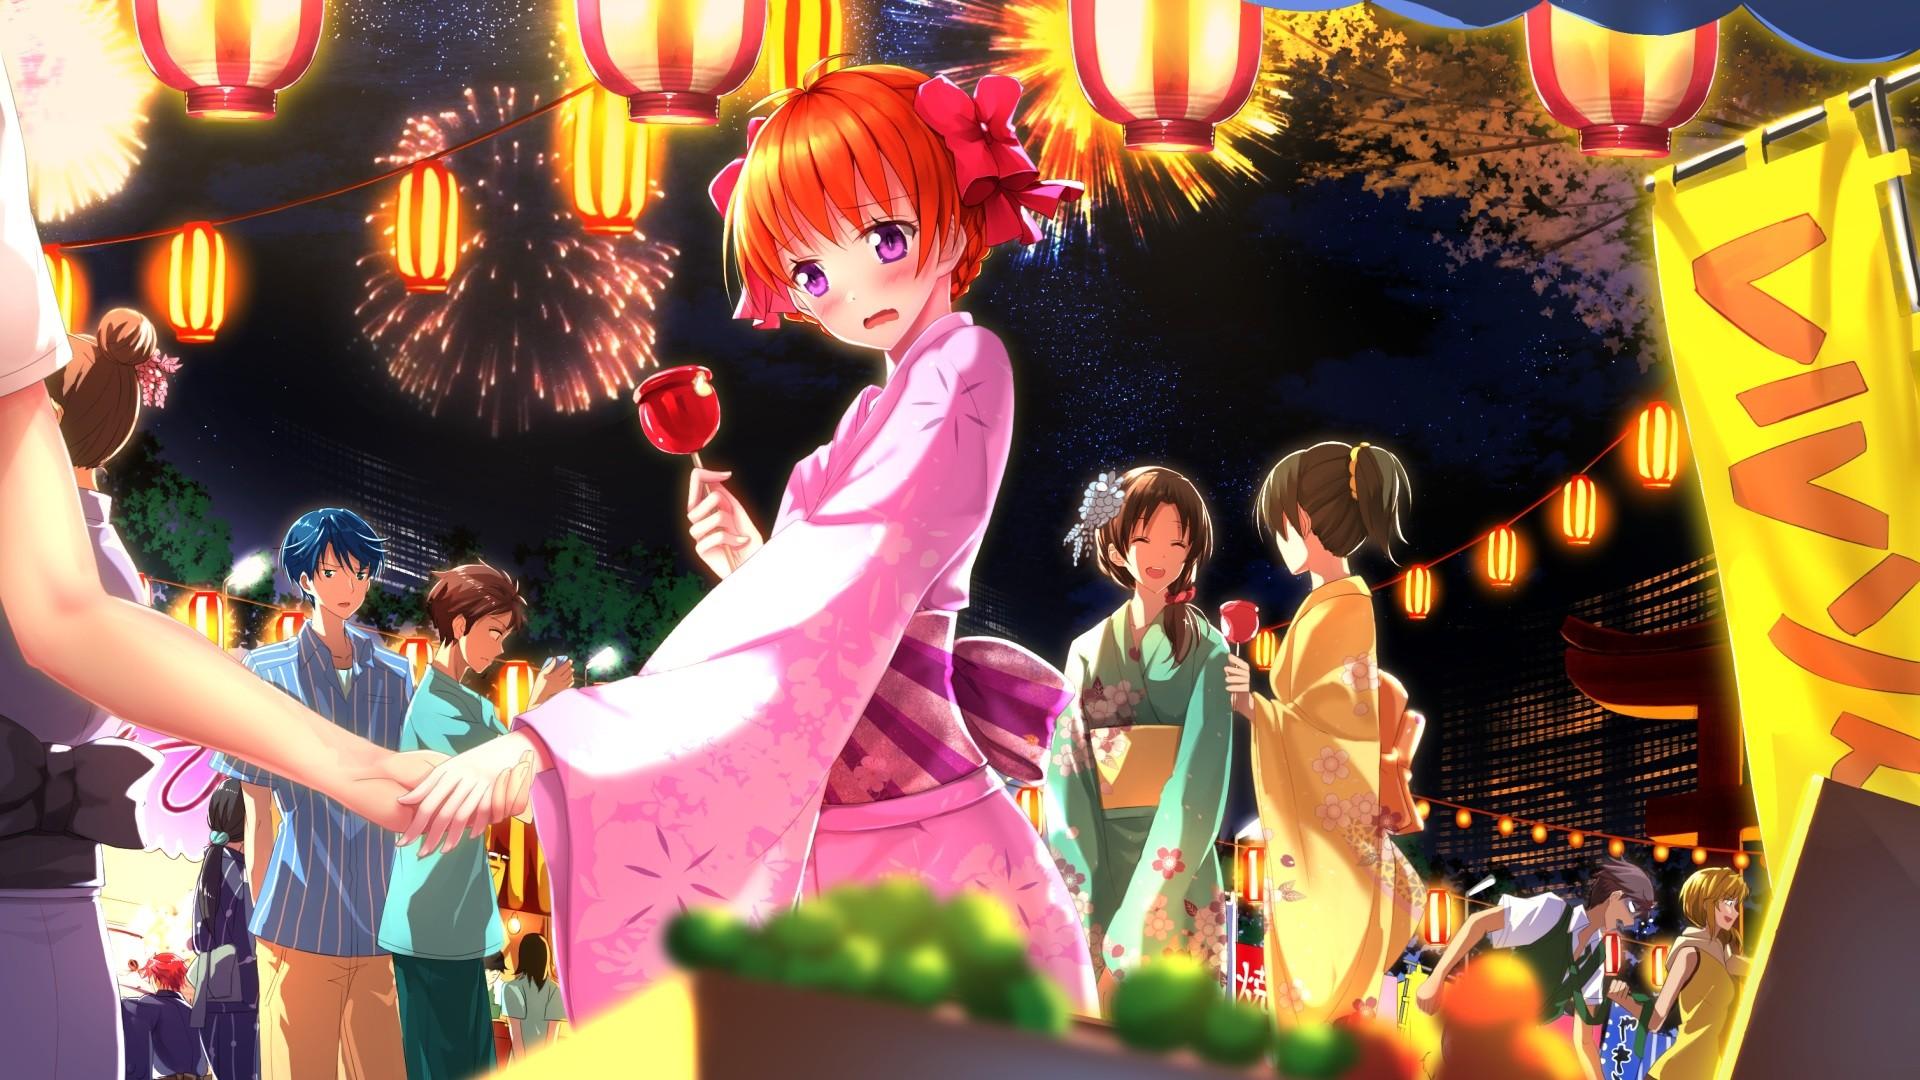 Wallpaper Redhead Anime Girls Blushing Gekkan Shoujo Nozaki Kun